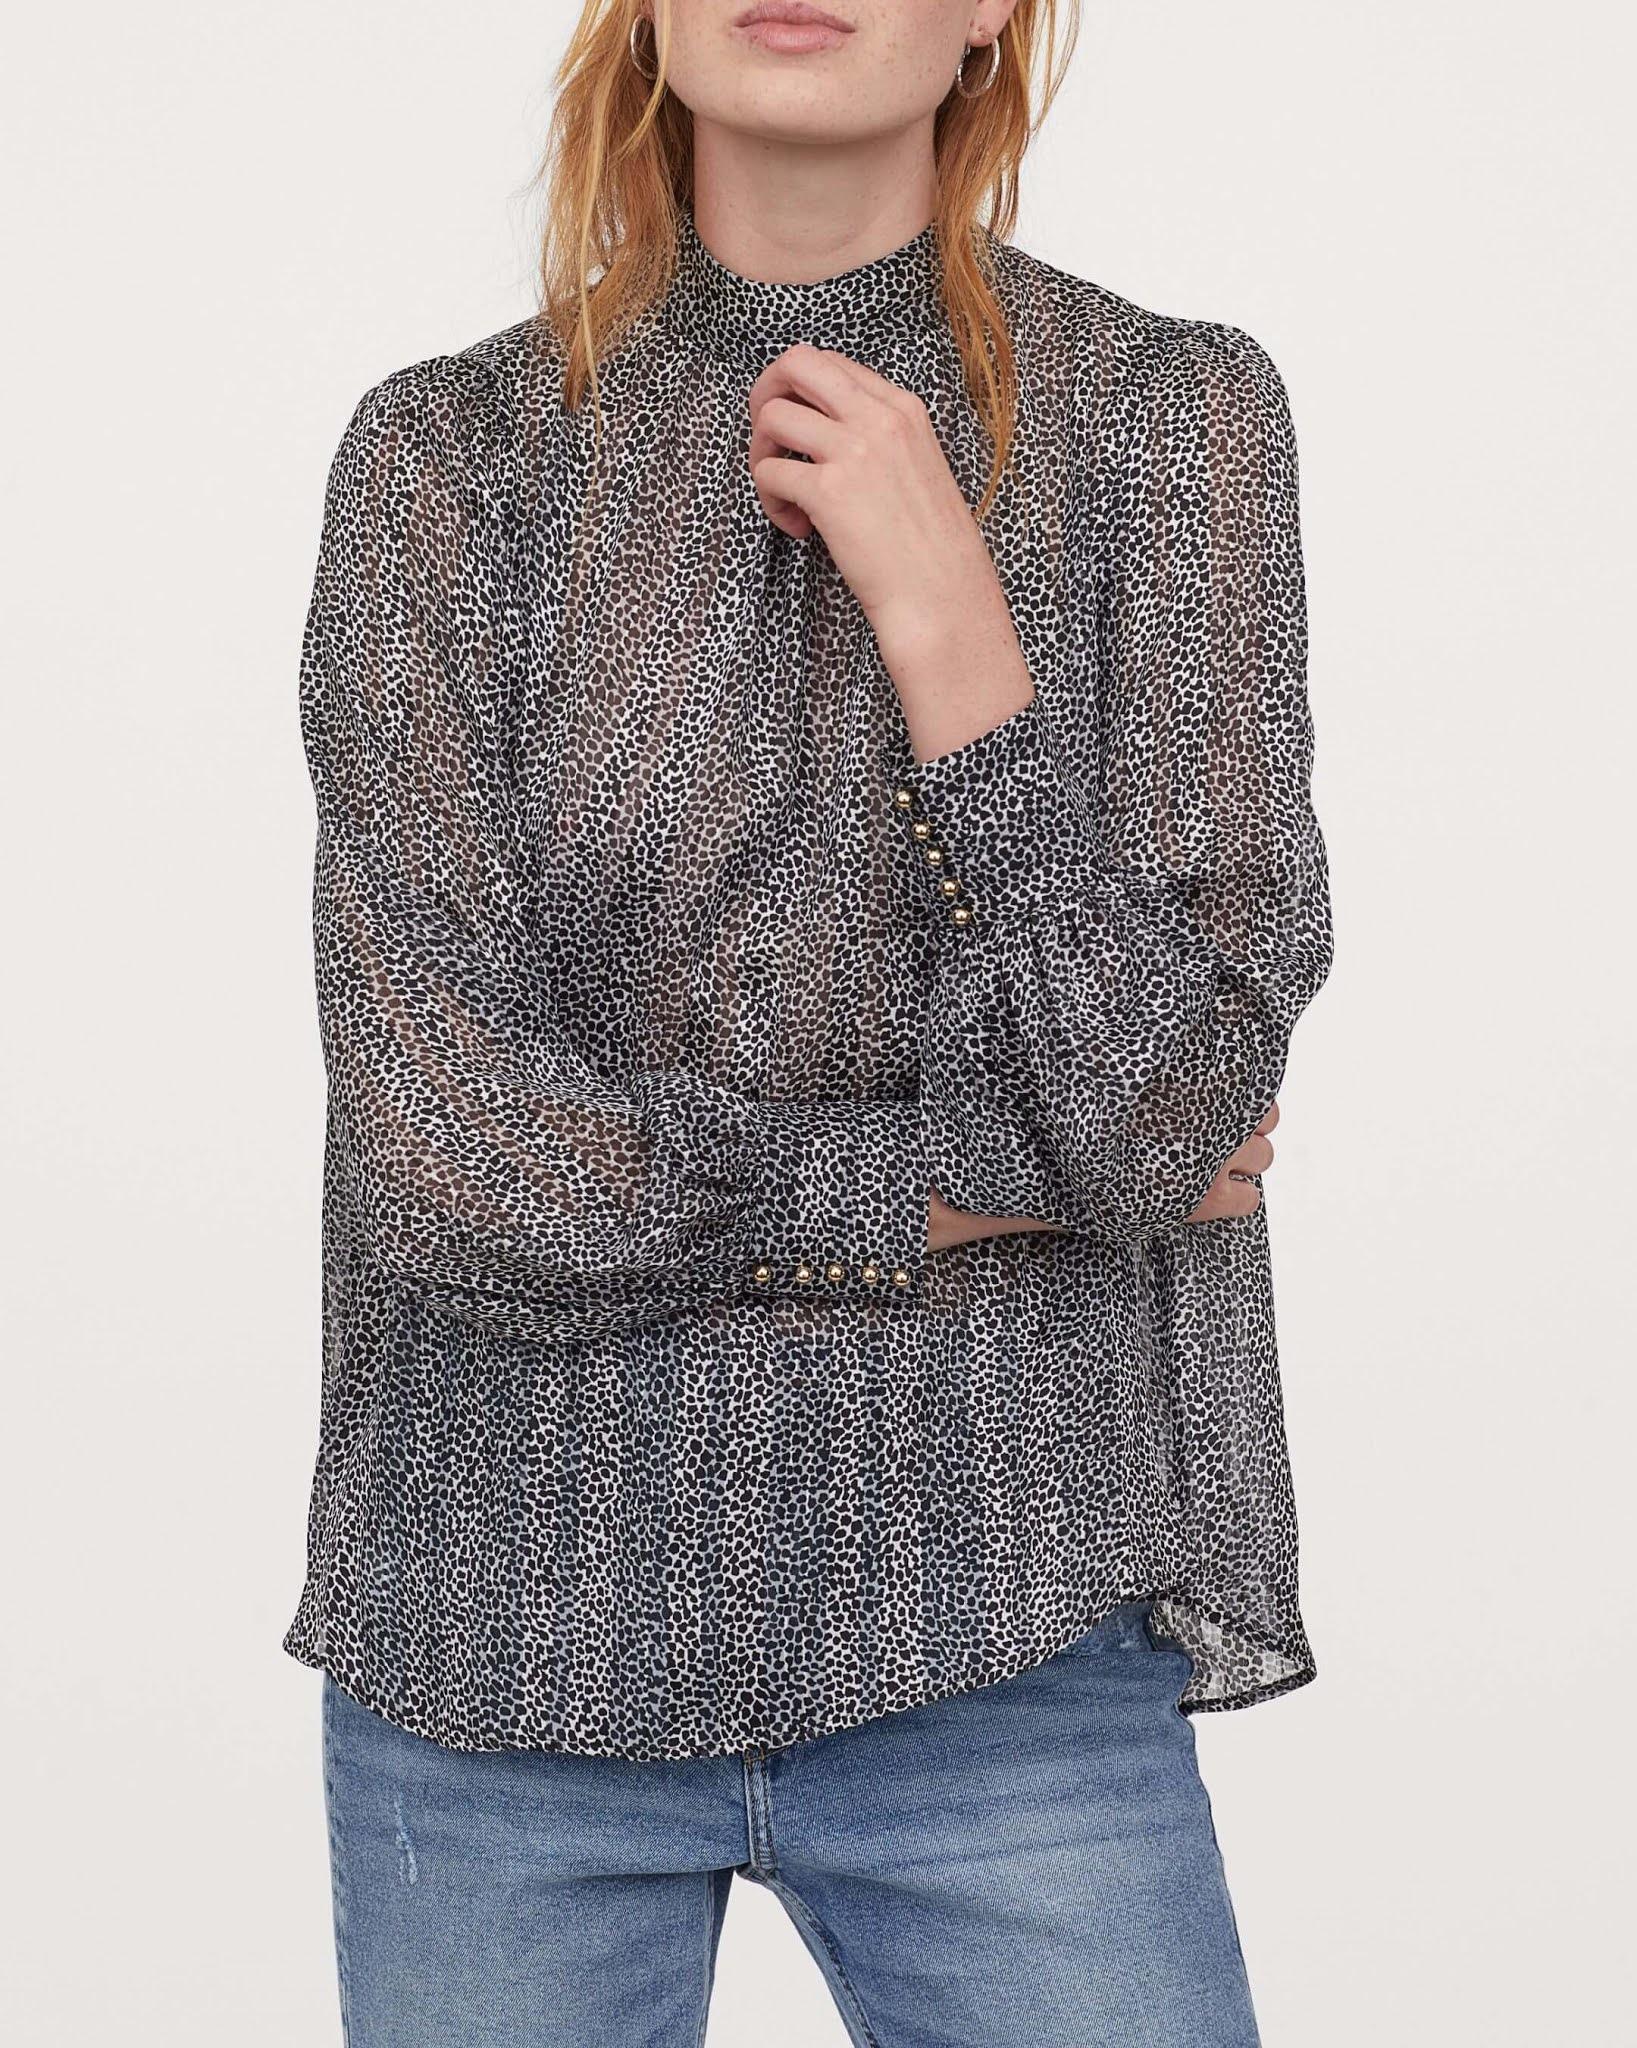 wide-cut blouse